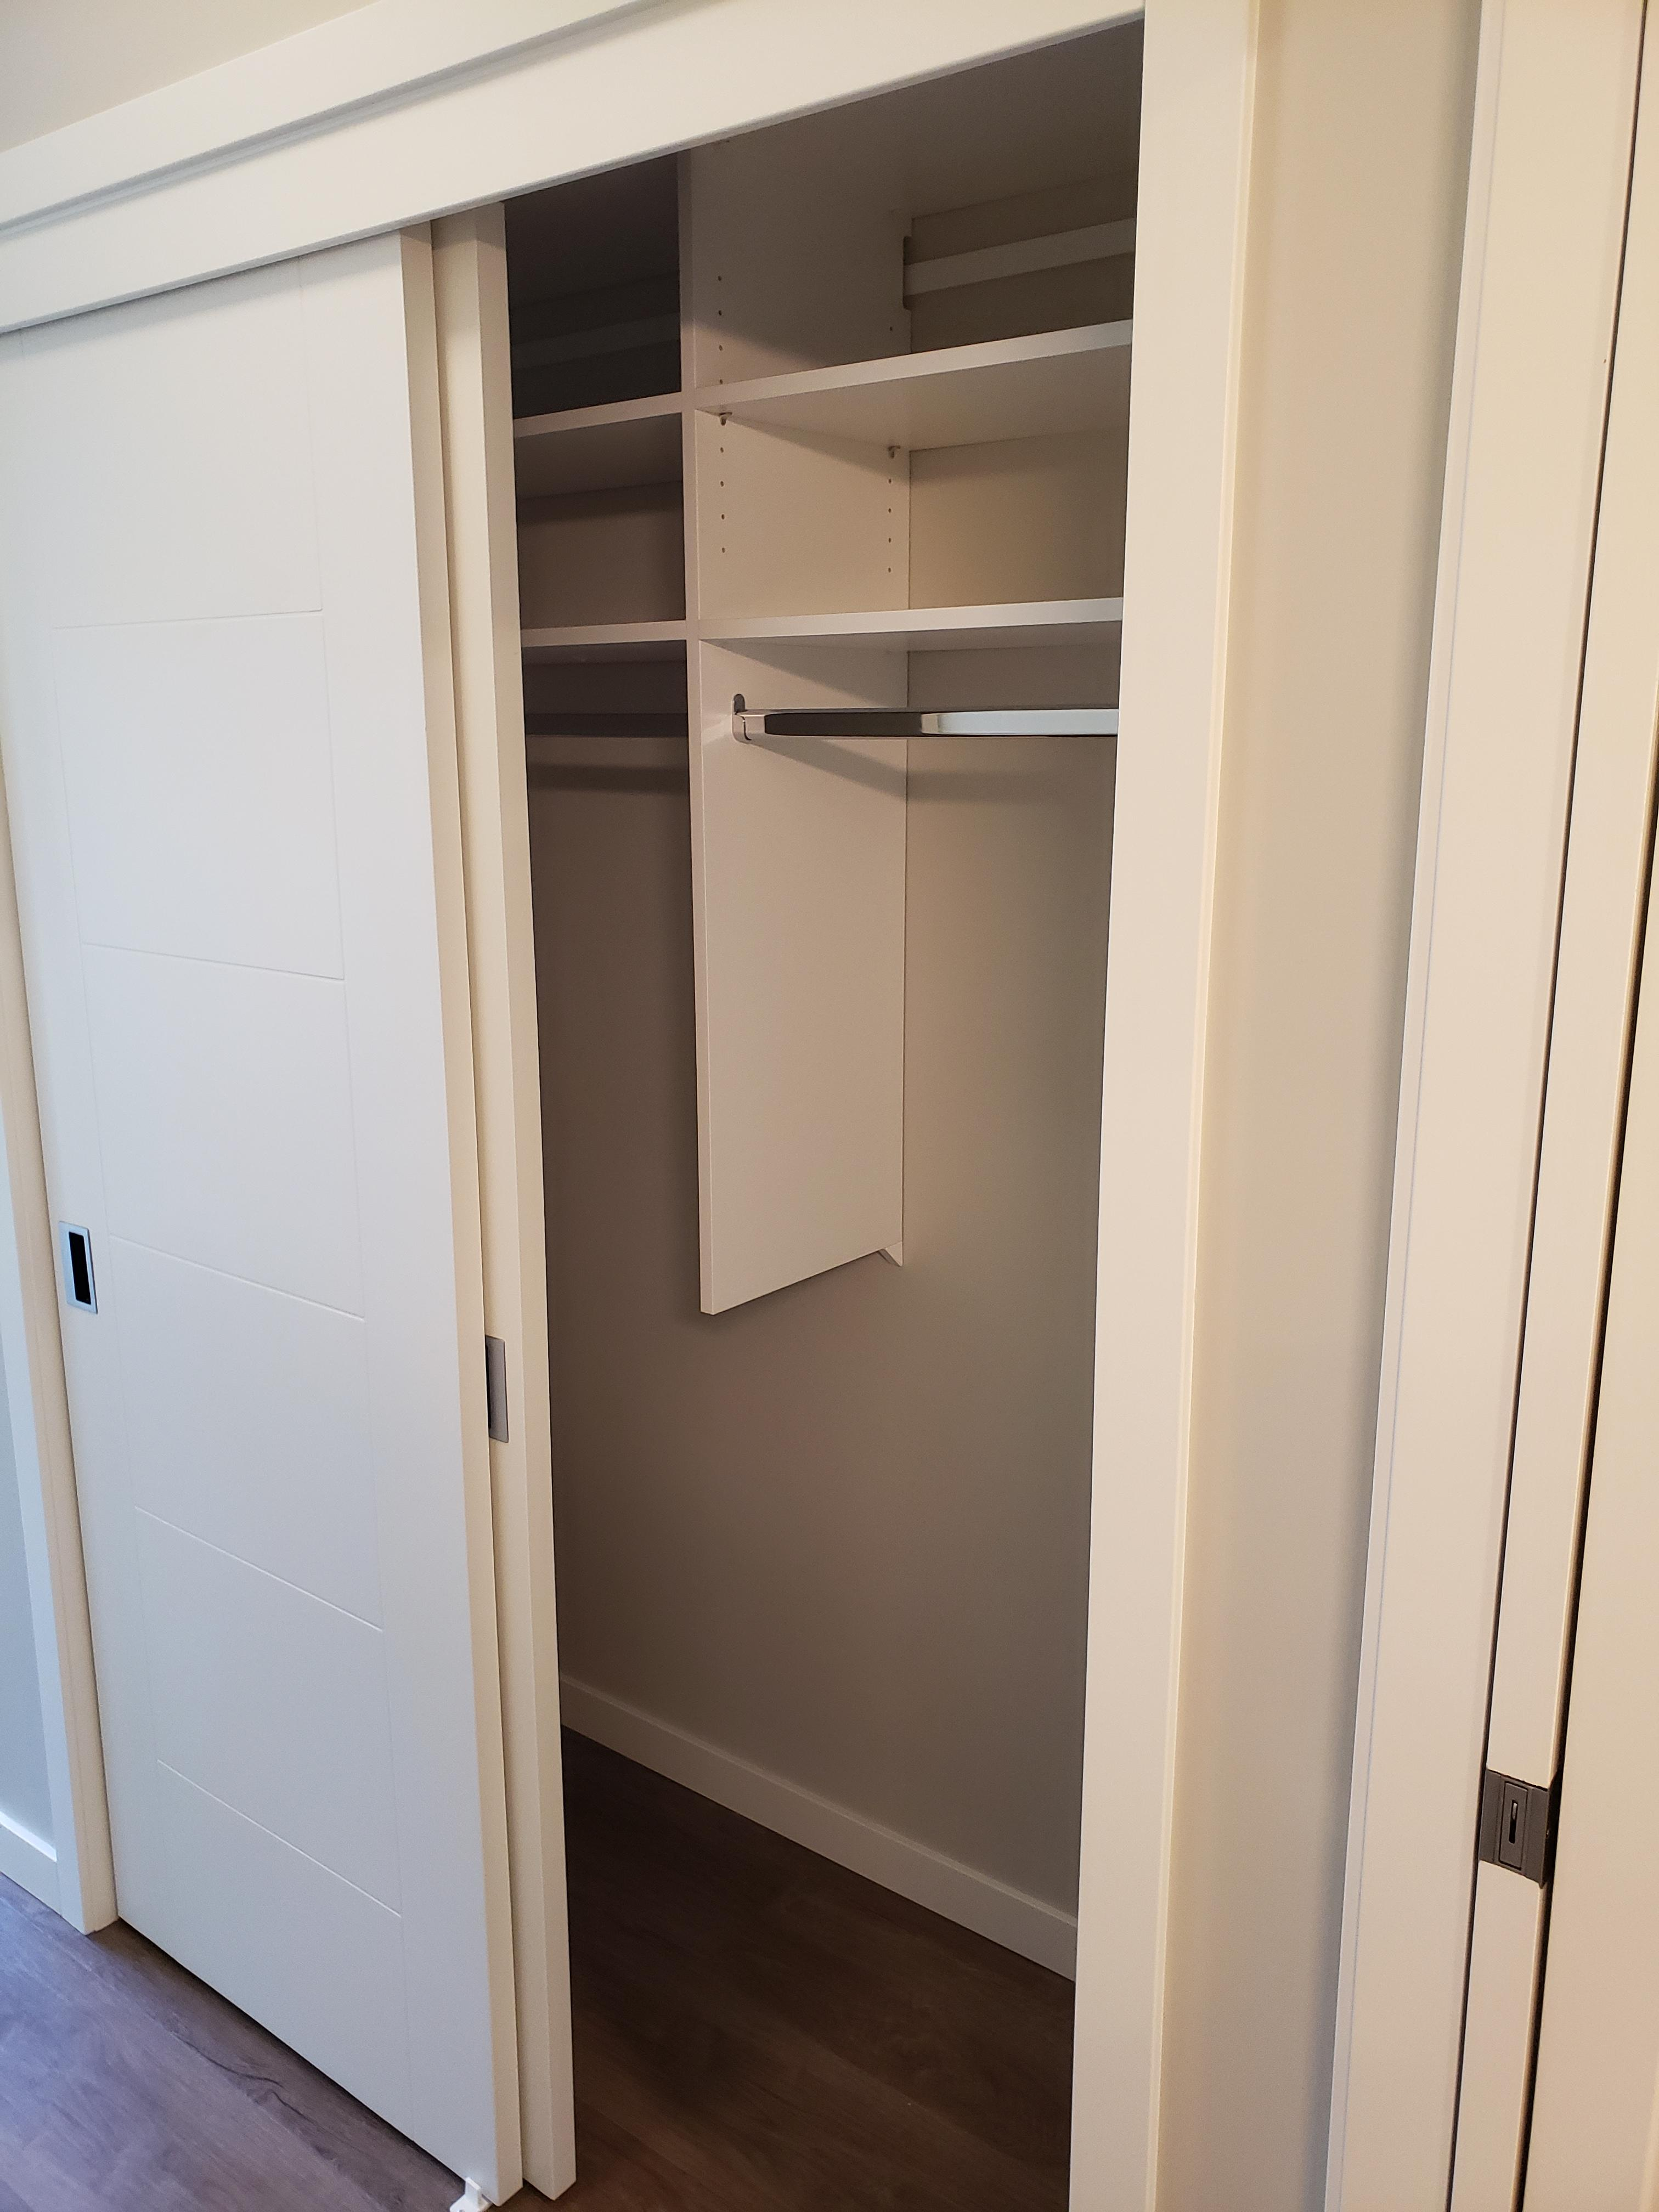 207, 12 Mahogany Path SE, Calgary, Alberta, 2 Bedrooms Bedrooms, ,2 BathroomsBathrooms,Condo,For Rent,Mahogany Path,207,1093